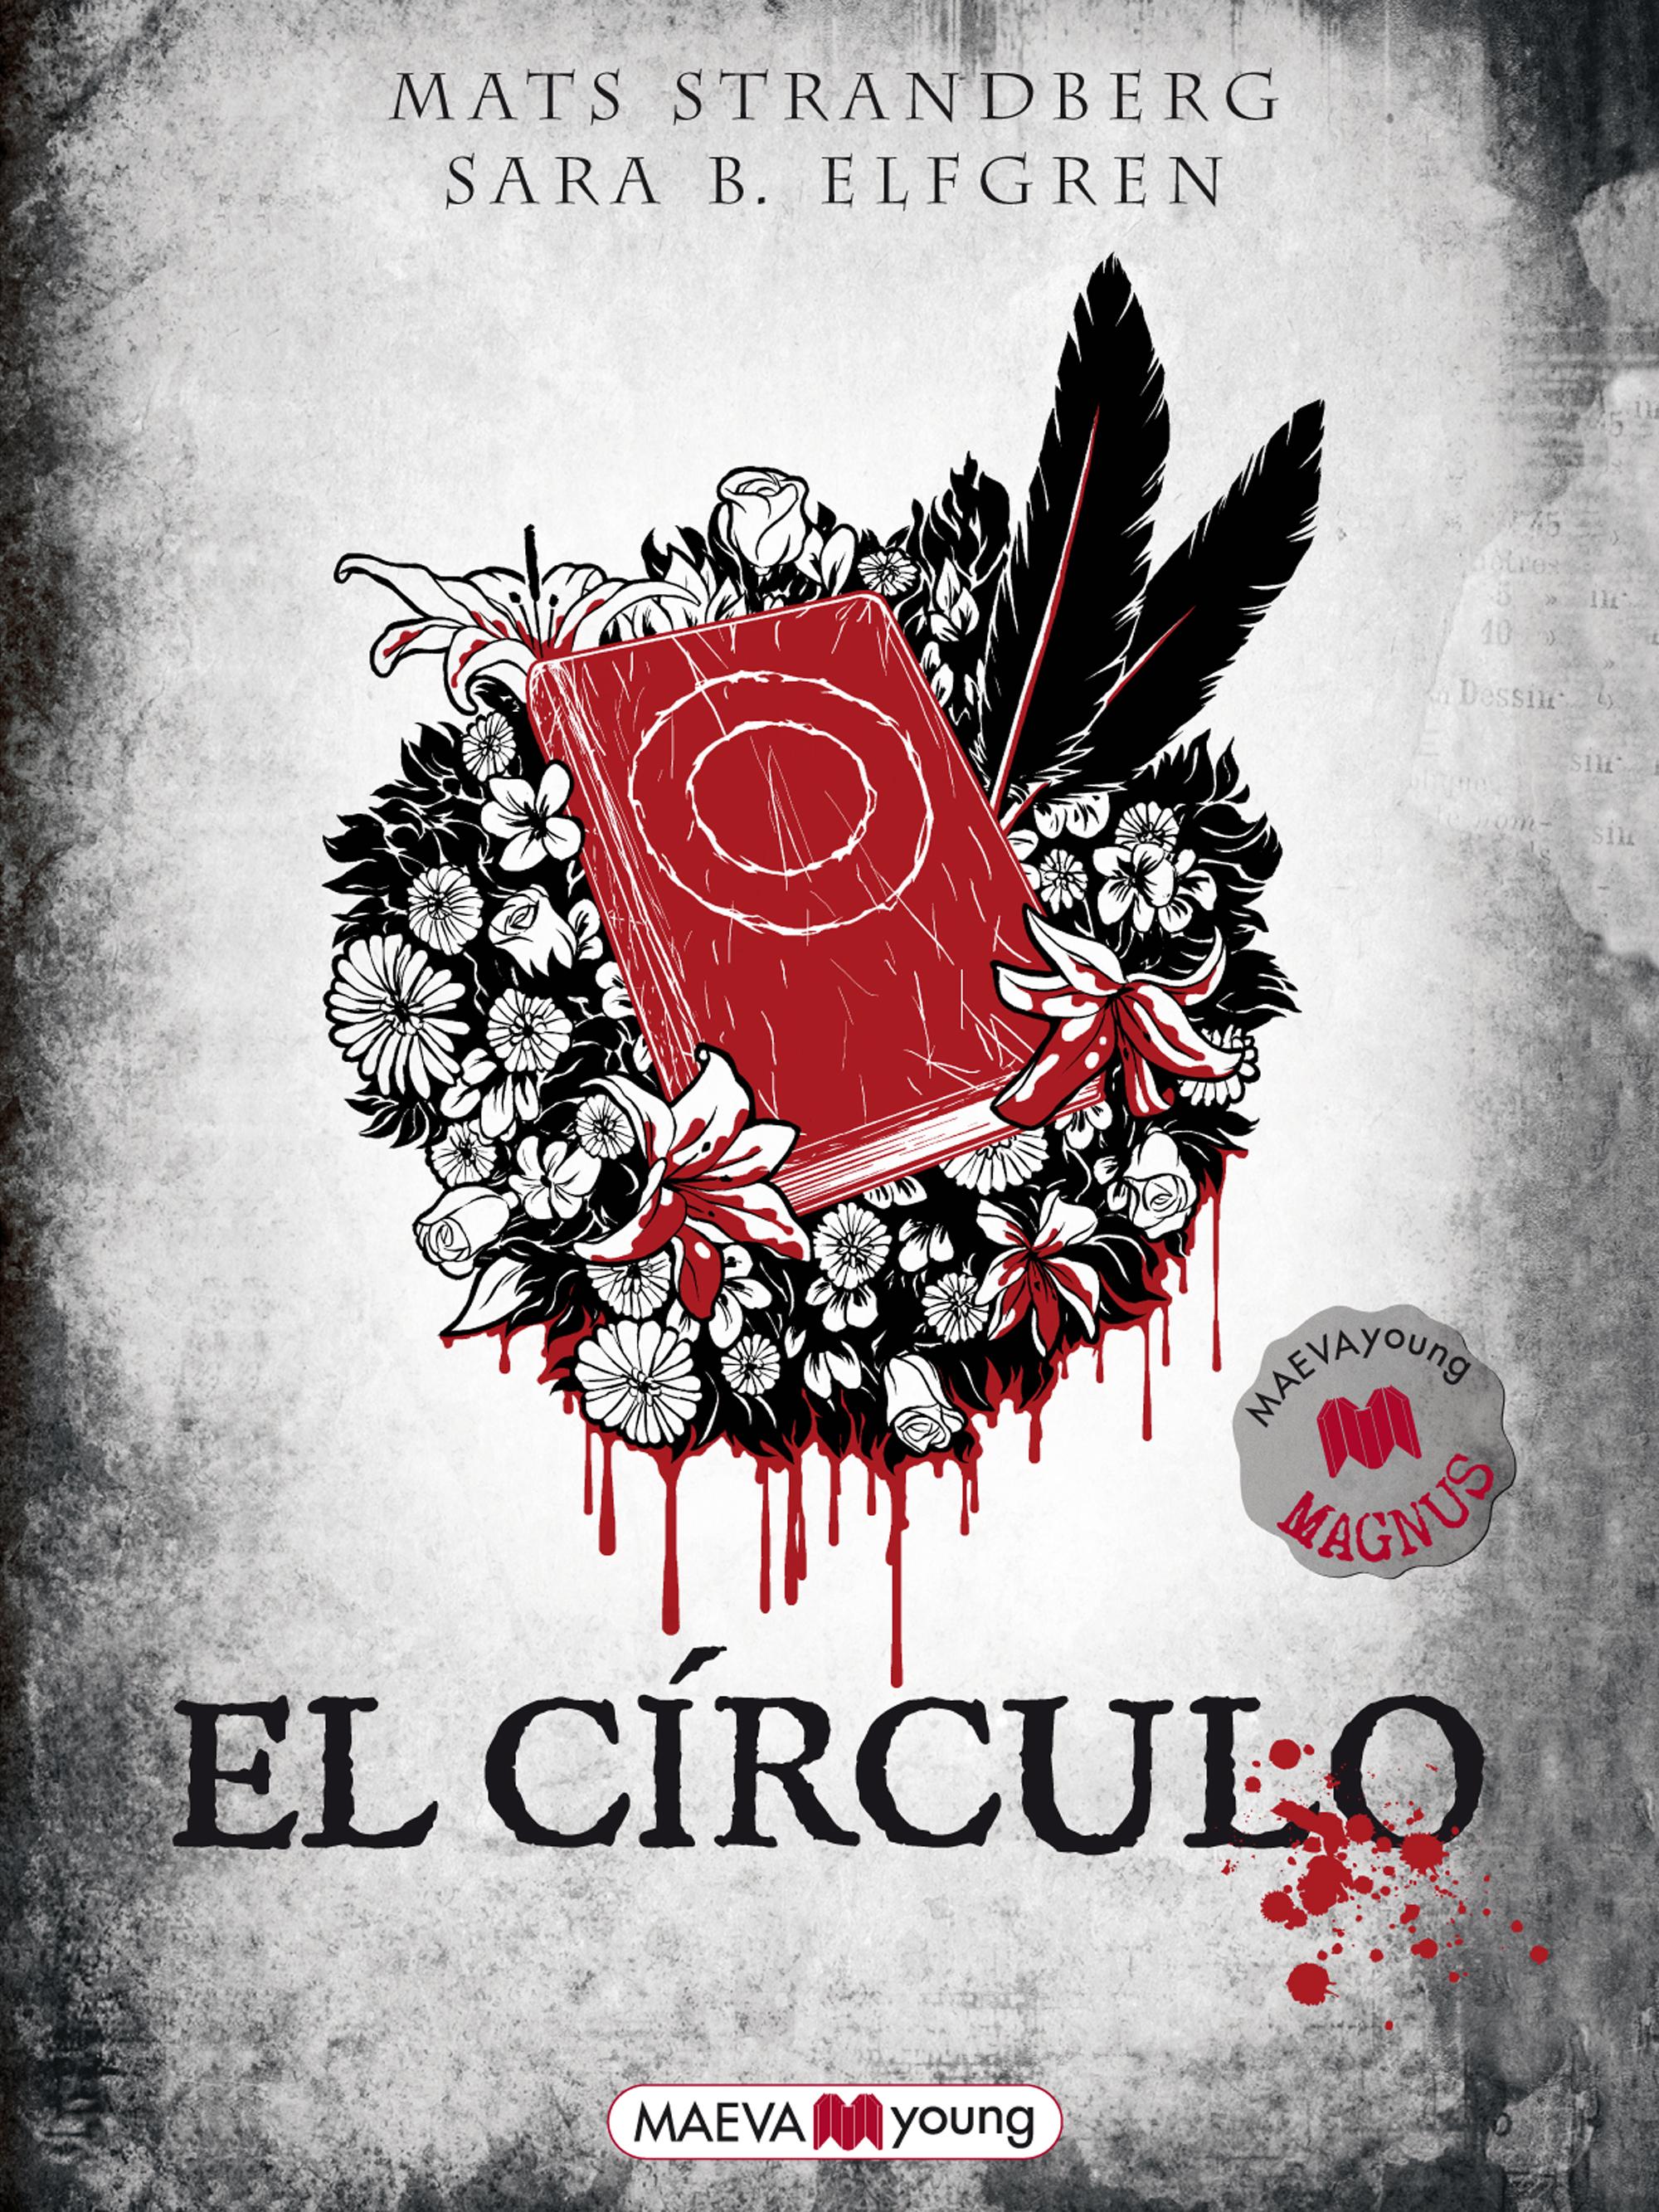 El círculo, Mats Strandberg, Sara B. Elfgren, terror, libro juvenil, Halloween, libro juvenil, miedo, cuentos de miedo, libros de miedo, historias de terror